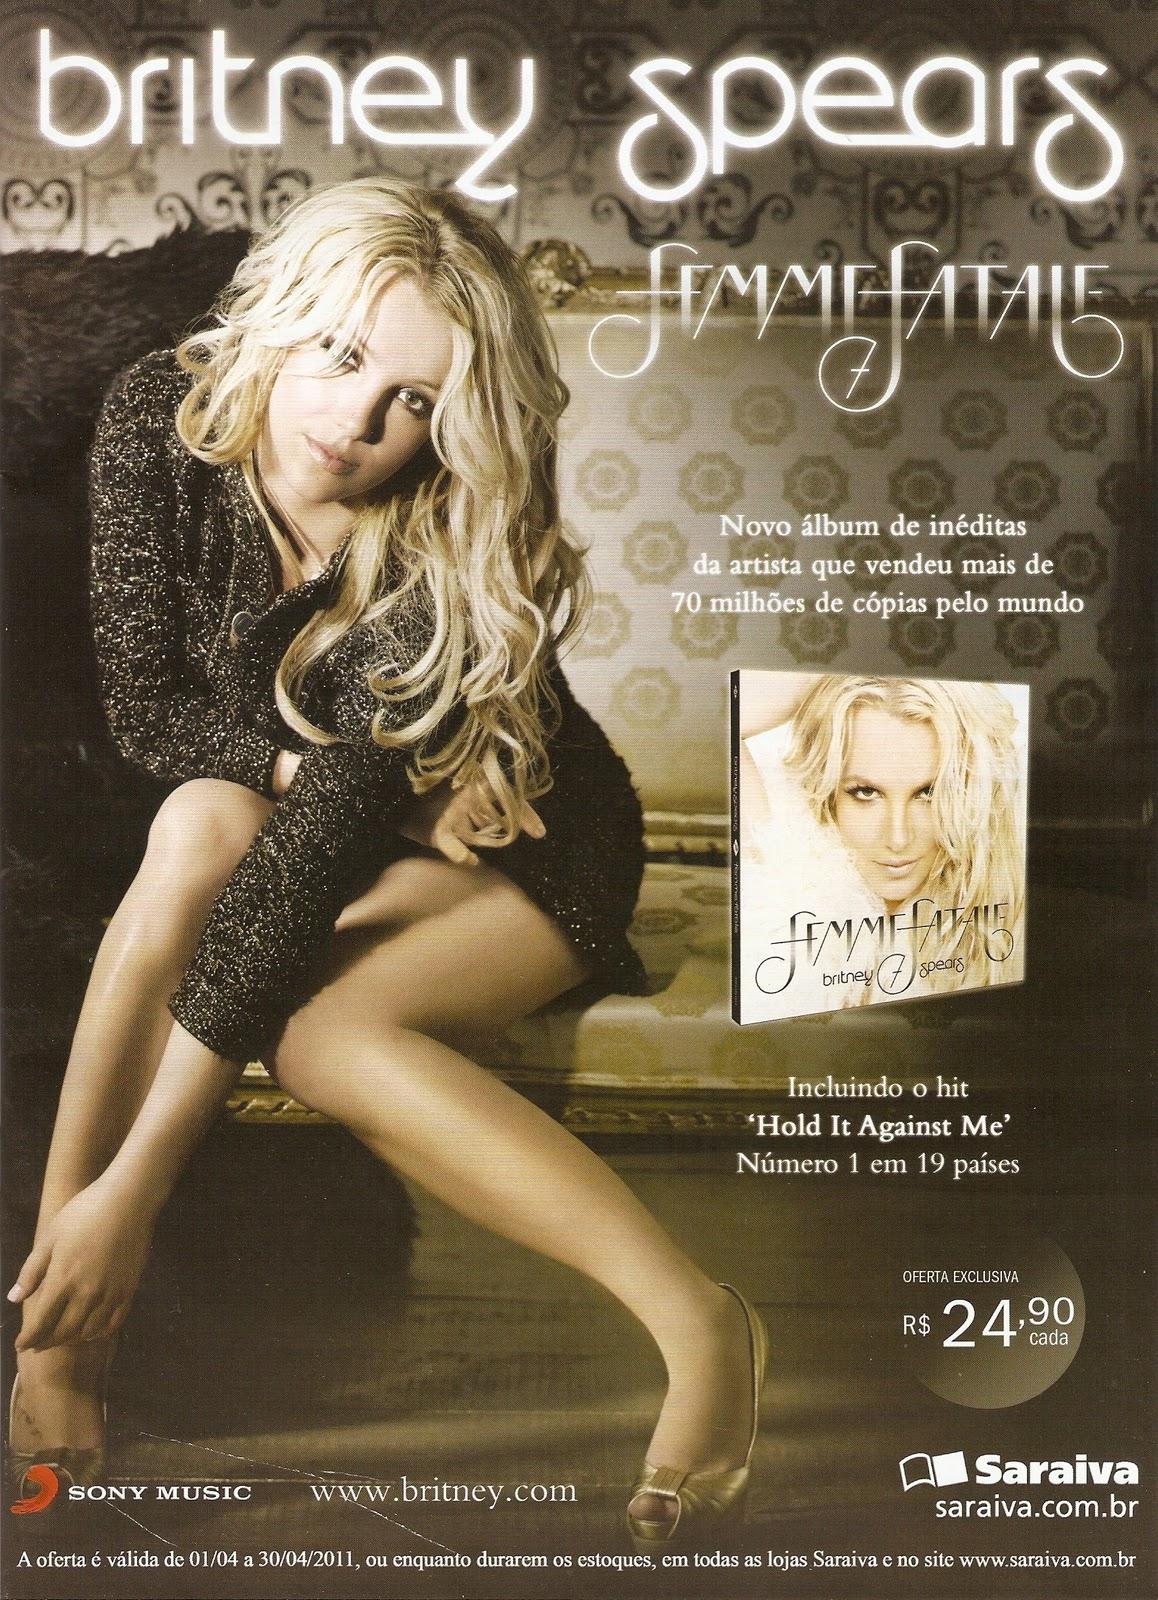 http://4.bp.blogspot.com/-je1L7K8TZiQ/TZ6QQLpsYpI/AAAAAAAAA20/FcZqgzUkOKY/s1600/Britney+Spears+Femme+Fatale+Propaganda+Almanaque+Saraiva.jpg